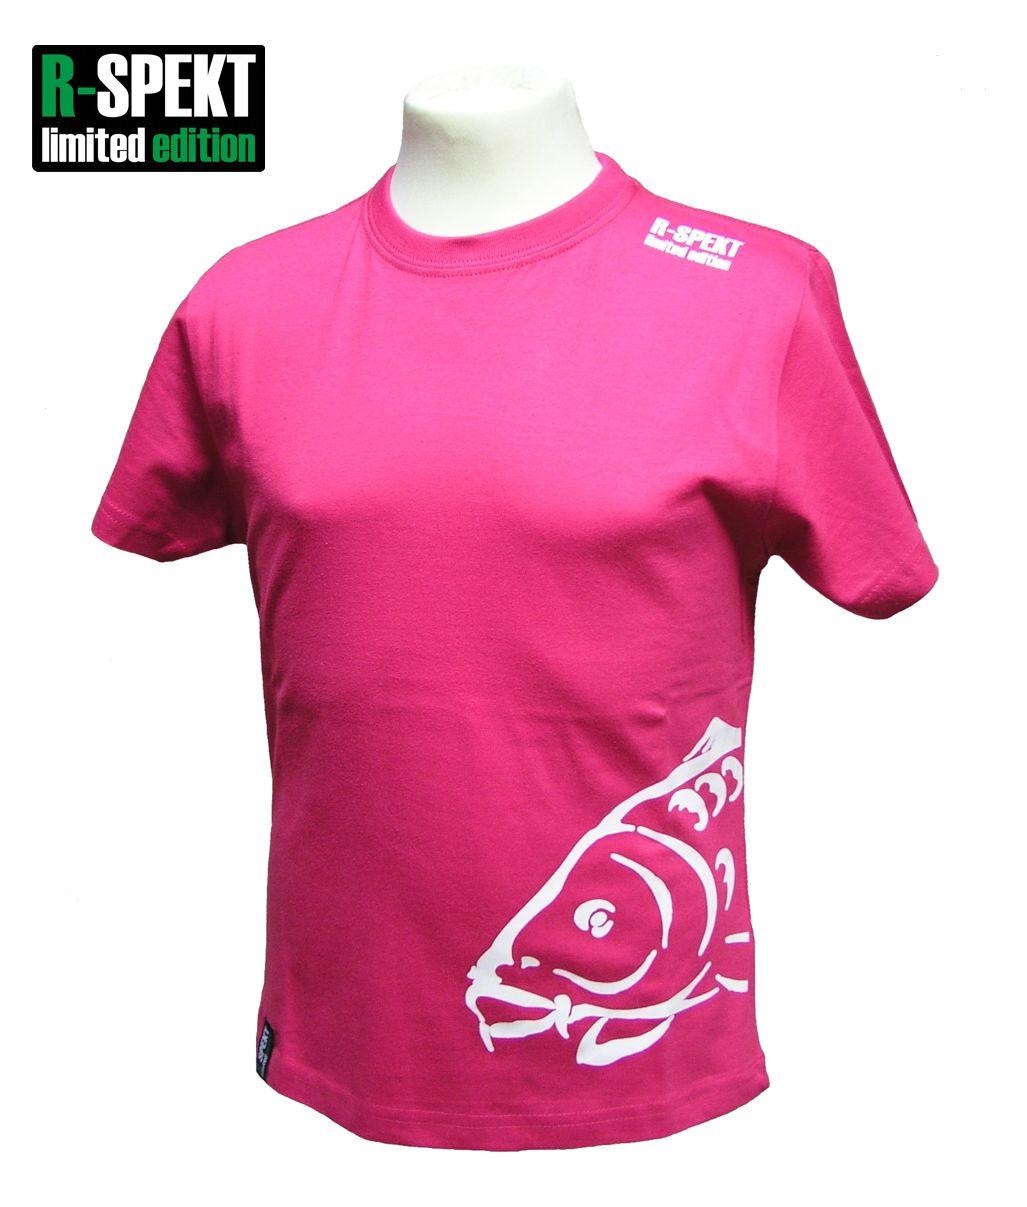 R-spekt detské tričko carper kids ružové-veľkosť 9/10 yrs